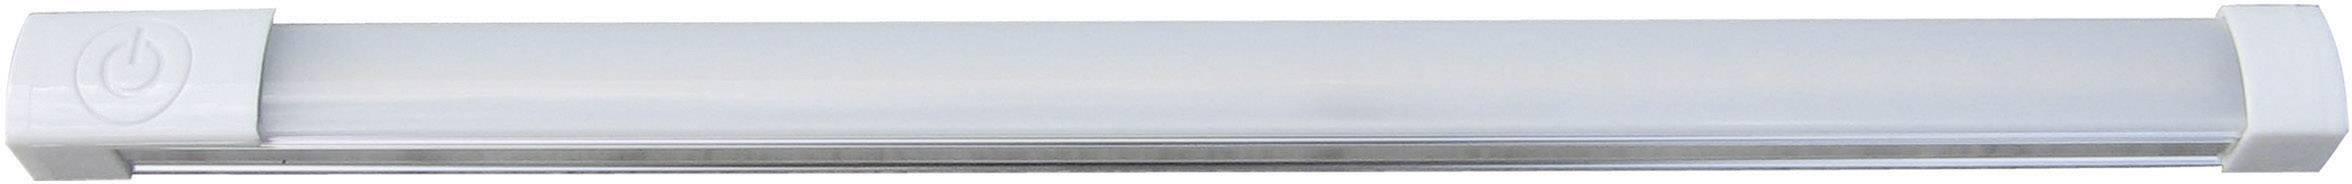 LED svetelná lišta, základná sada DioDor DIO-TL25-SP-FN, 3.5 W, 25 cm, teplá biela, biela